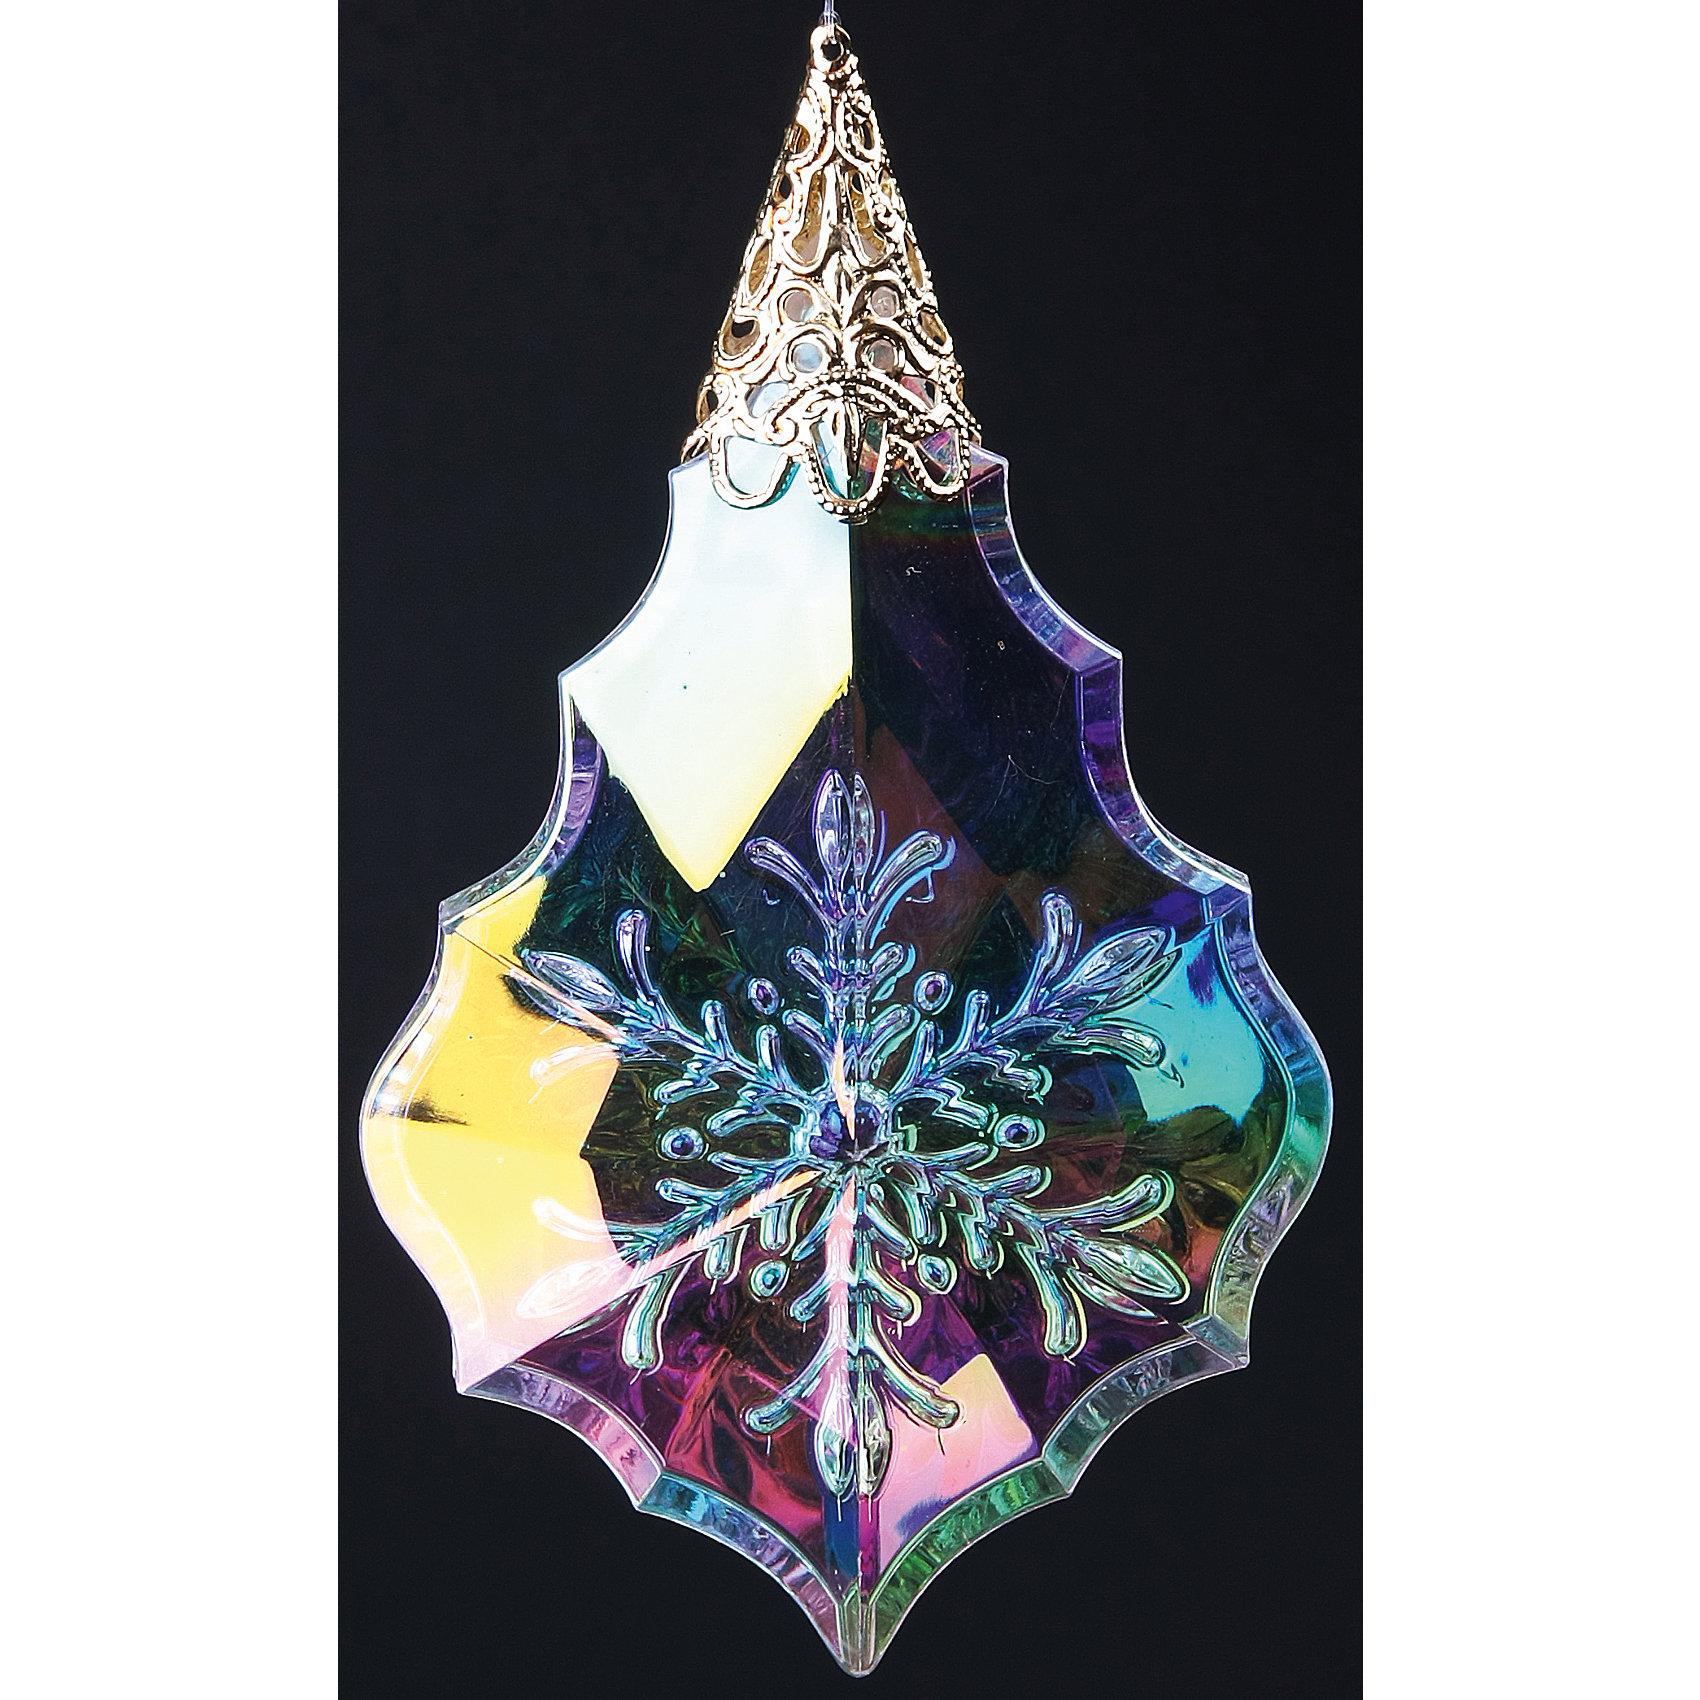 Феникс-Презент Новогоднее подвесное елочное украшение Капелька   (10 см) украшение новогоднее подвесное mister christmas дед мороз коллекционное высота 10 см